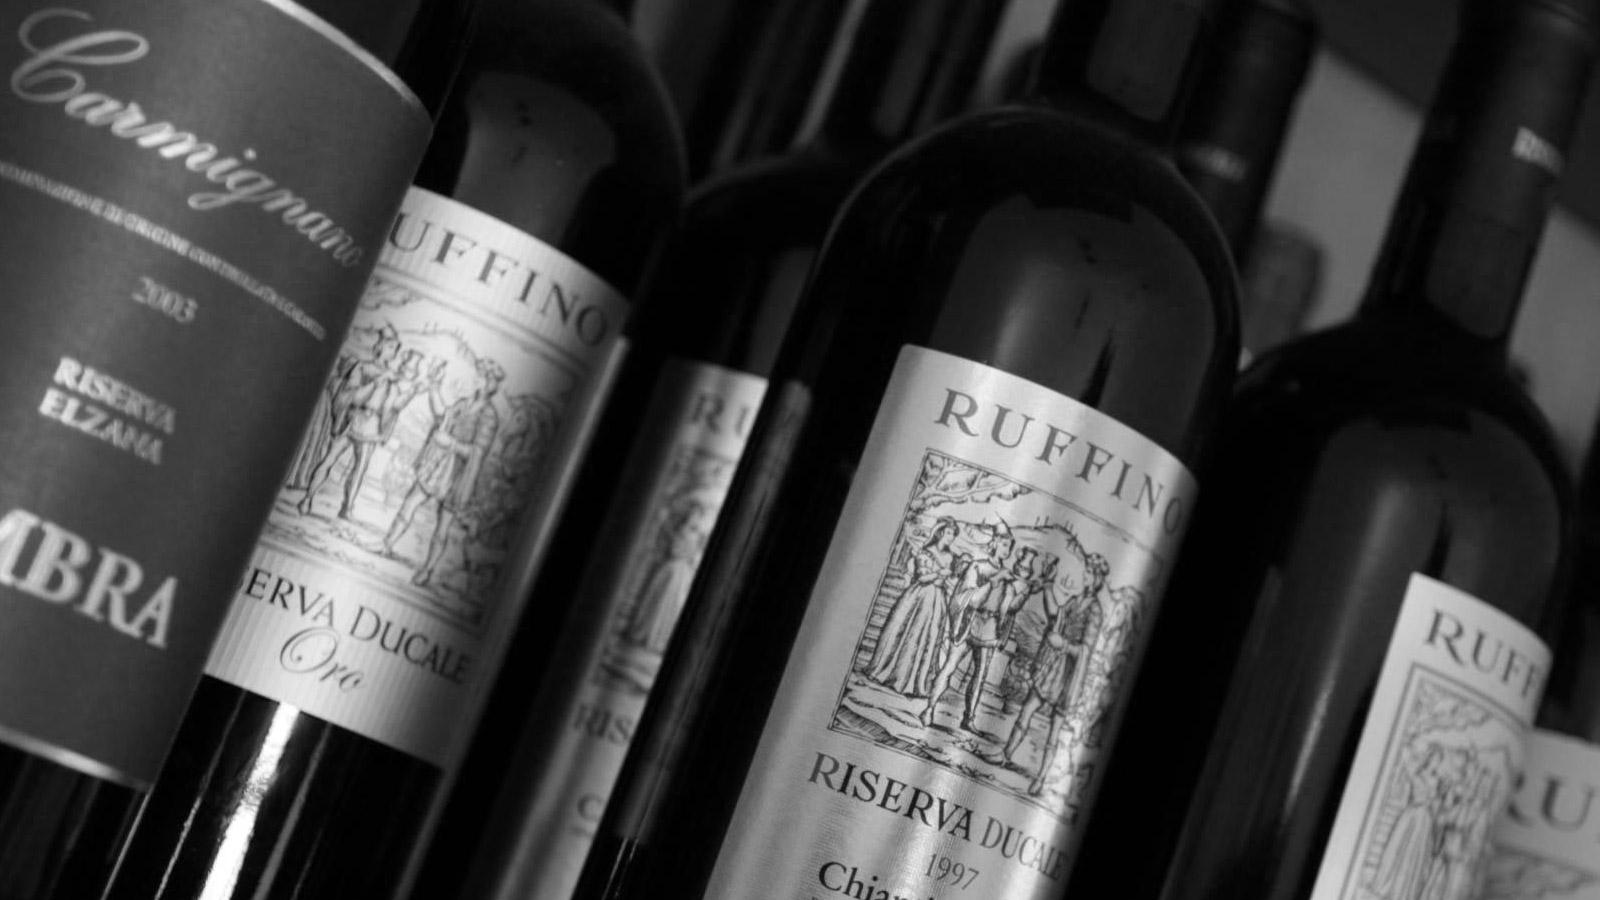 Chianti Classico e  Chianti Classico Riserve delle migliori cantine toscane - Ristorante Giglio Rosso Firenze